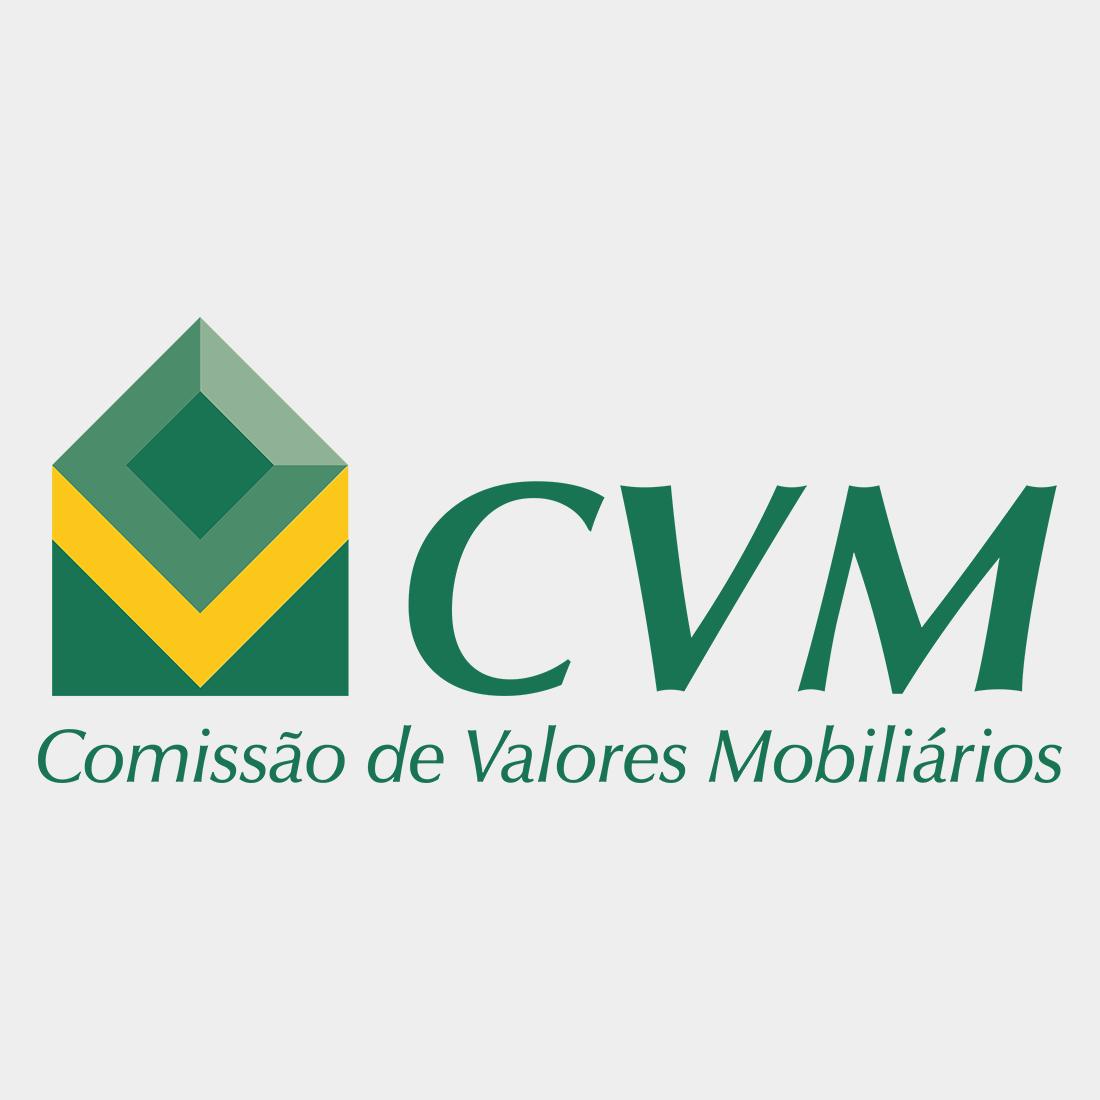 Instrução CVM n. 480: Amec envia sugestões para nova regulação sobre informações relativas a processos arbitrais